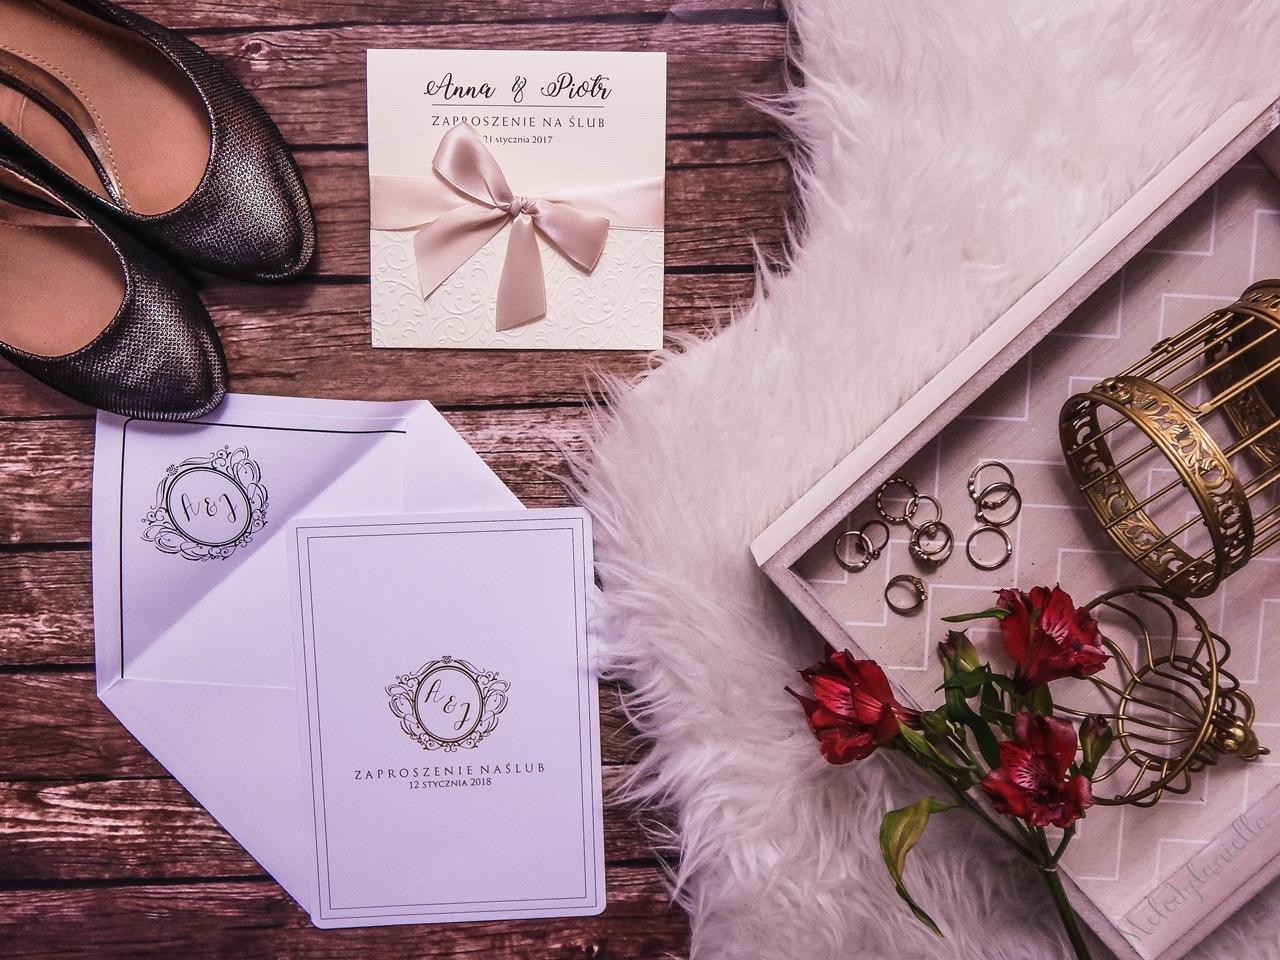 2 zaproszenia ślubne eko rustykalne bio 2018 tanio tekst vintage boho eleganckie gdzie kupić zamówić jak zaprojektować